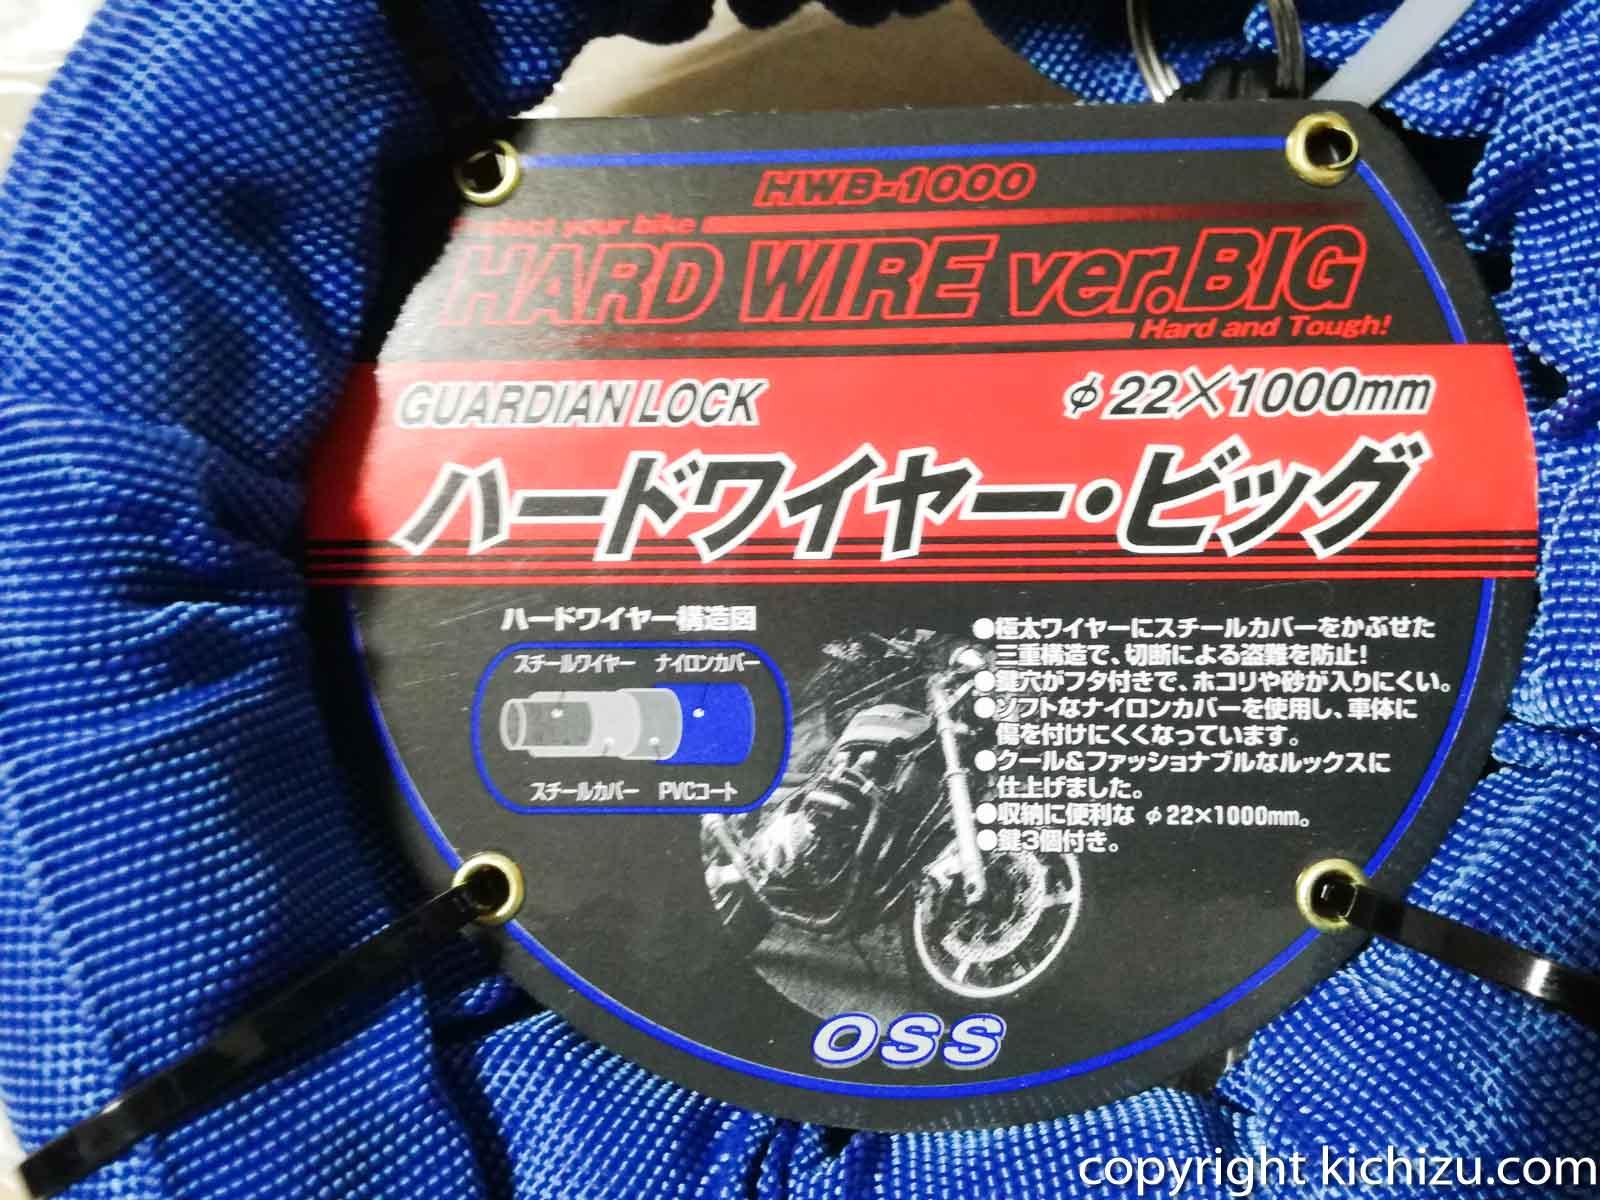 HWB-1000のパッケージ